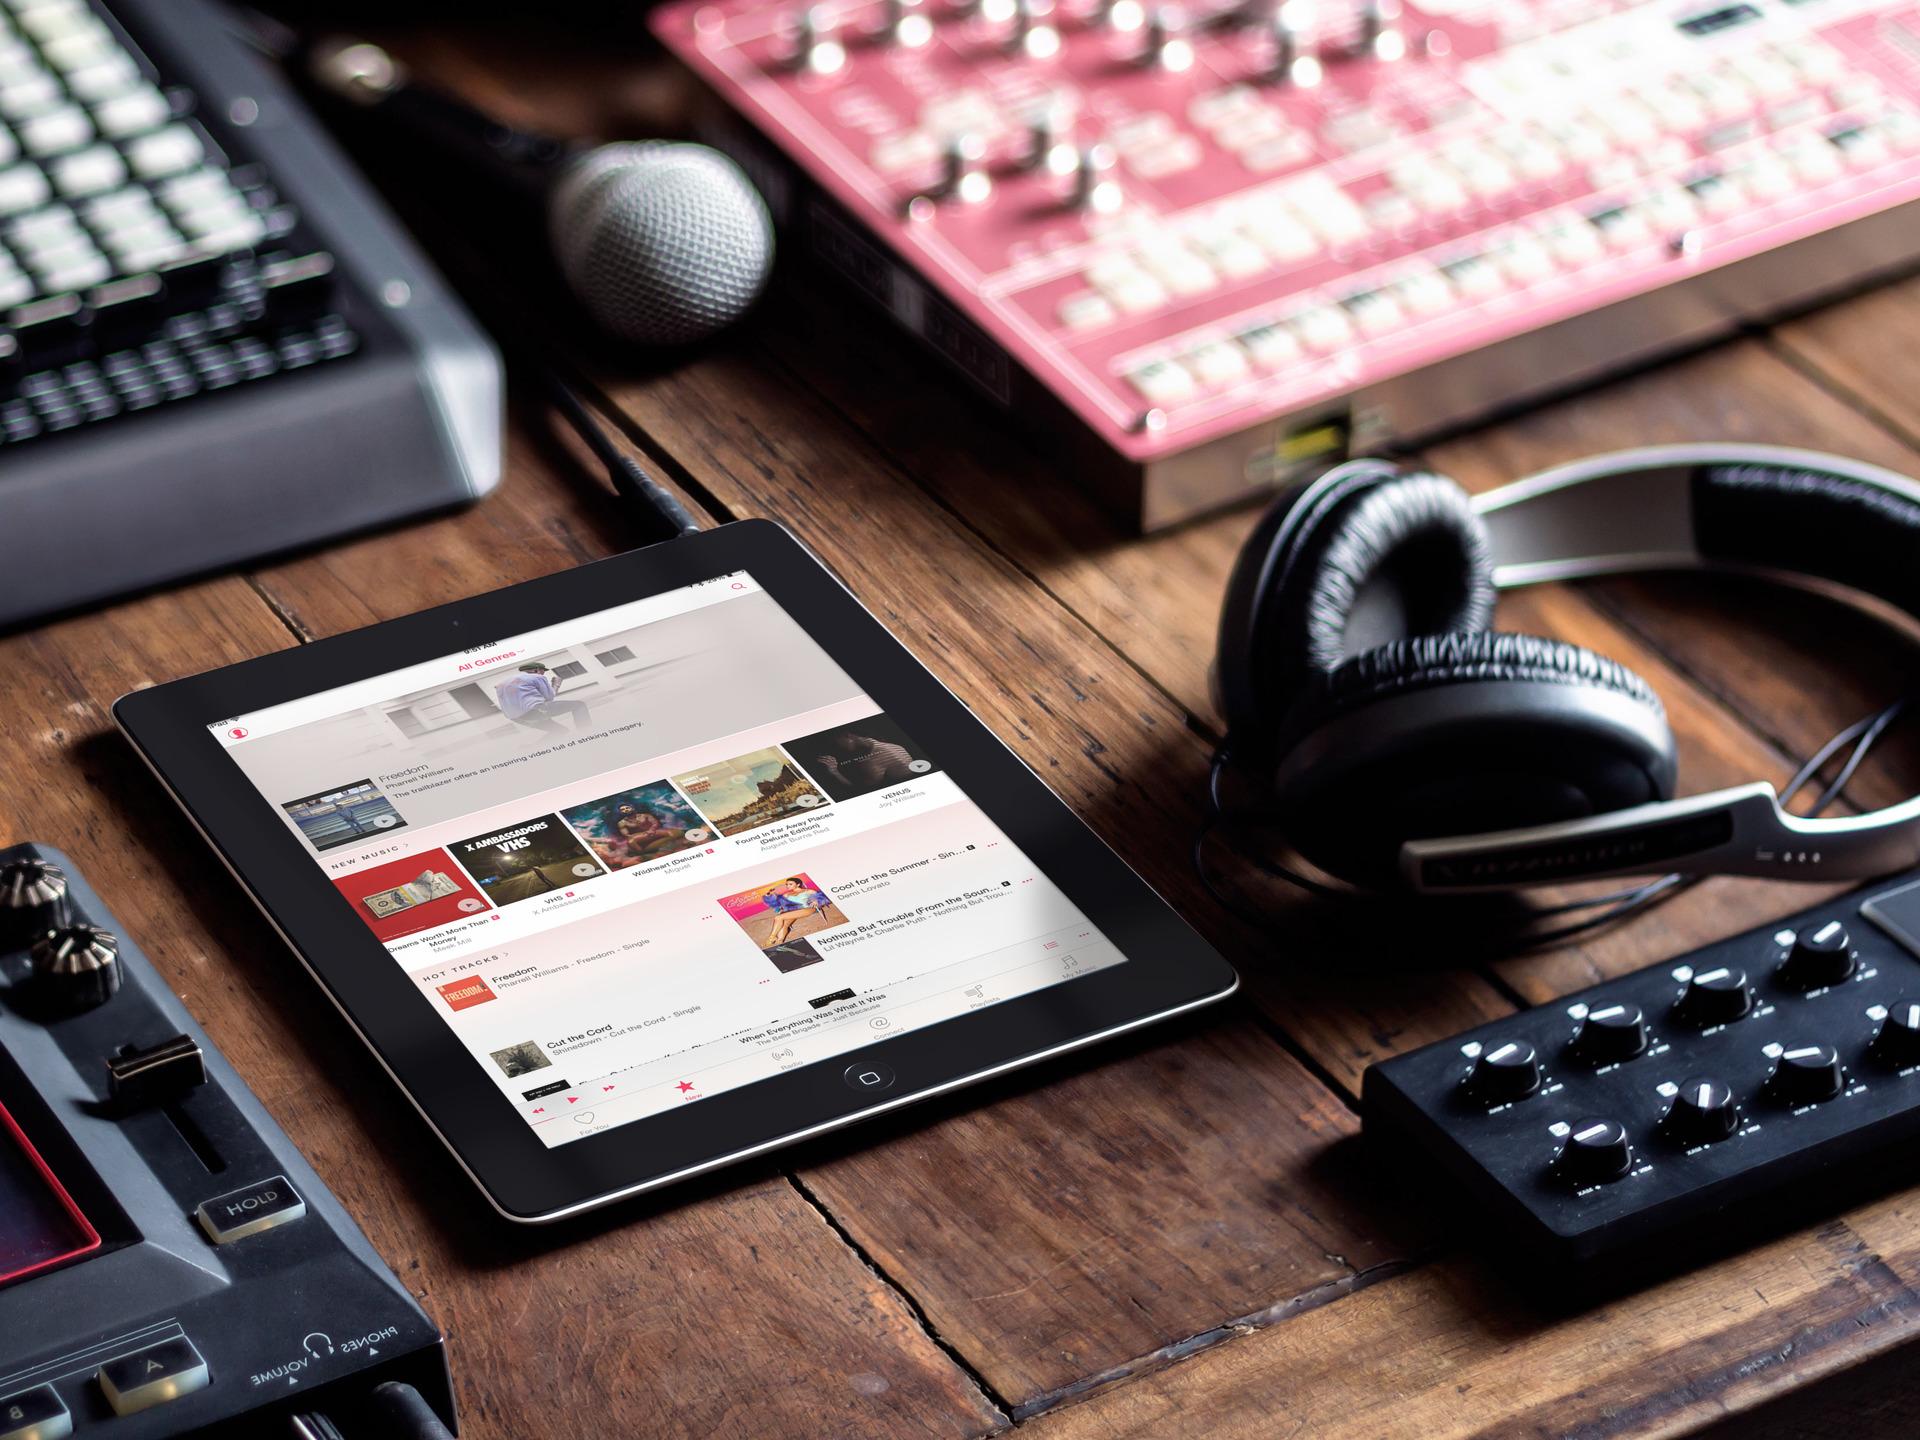 Впечатления без крайностей: Apple Music спустя полтора месяца